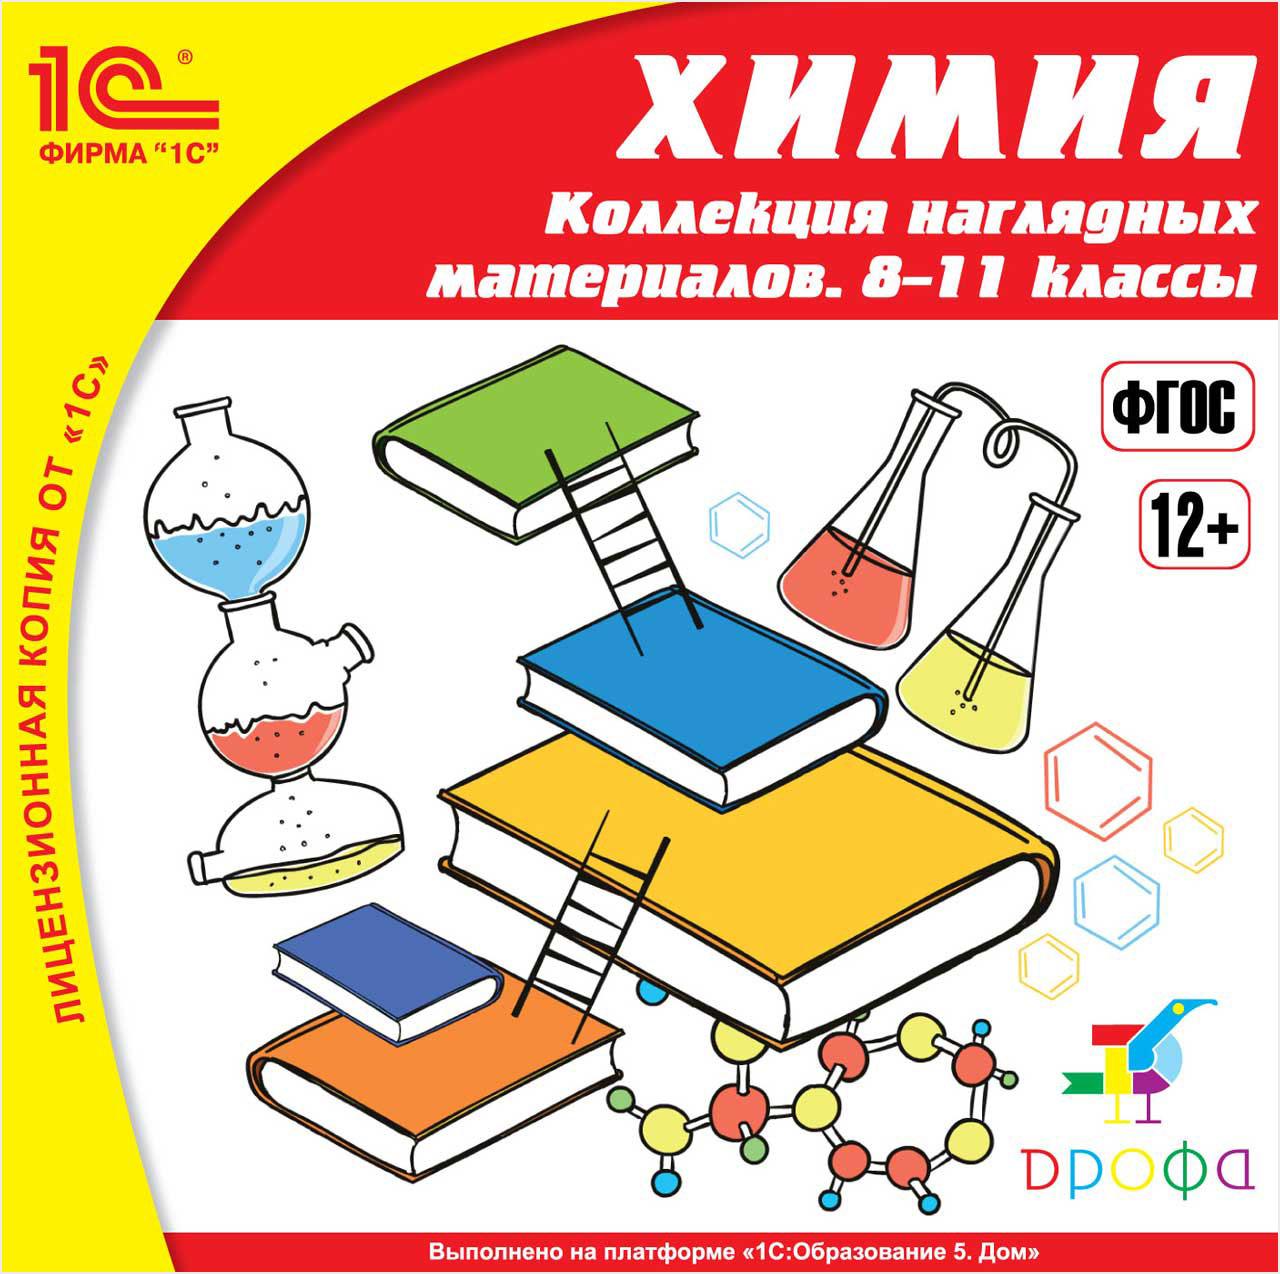 Химия. Коллекция наглядных материалов, 8–11 классы (Цифровая версия)В электронном учебном пособии Химия. Коллекция наглядных материалов, 8–11 классы собраны ресурсы по всему курсу химии для учащихся и учителей.<br>